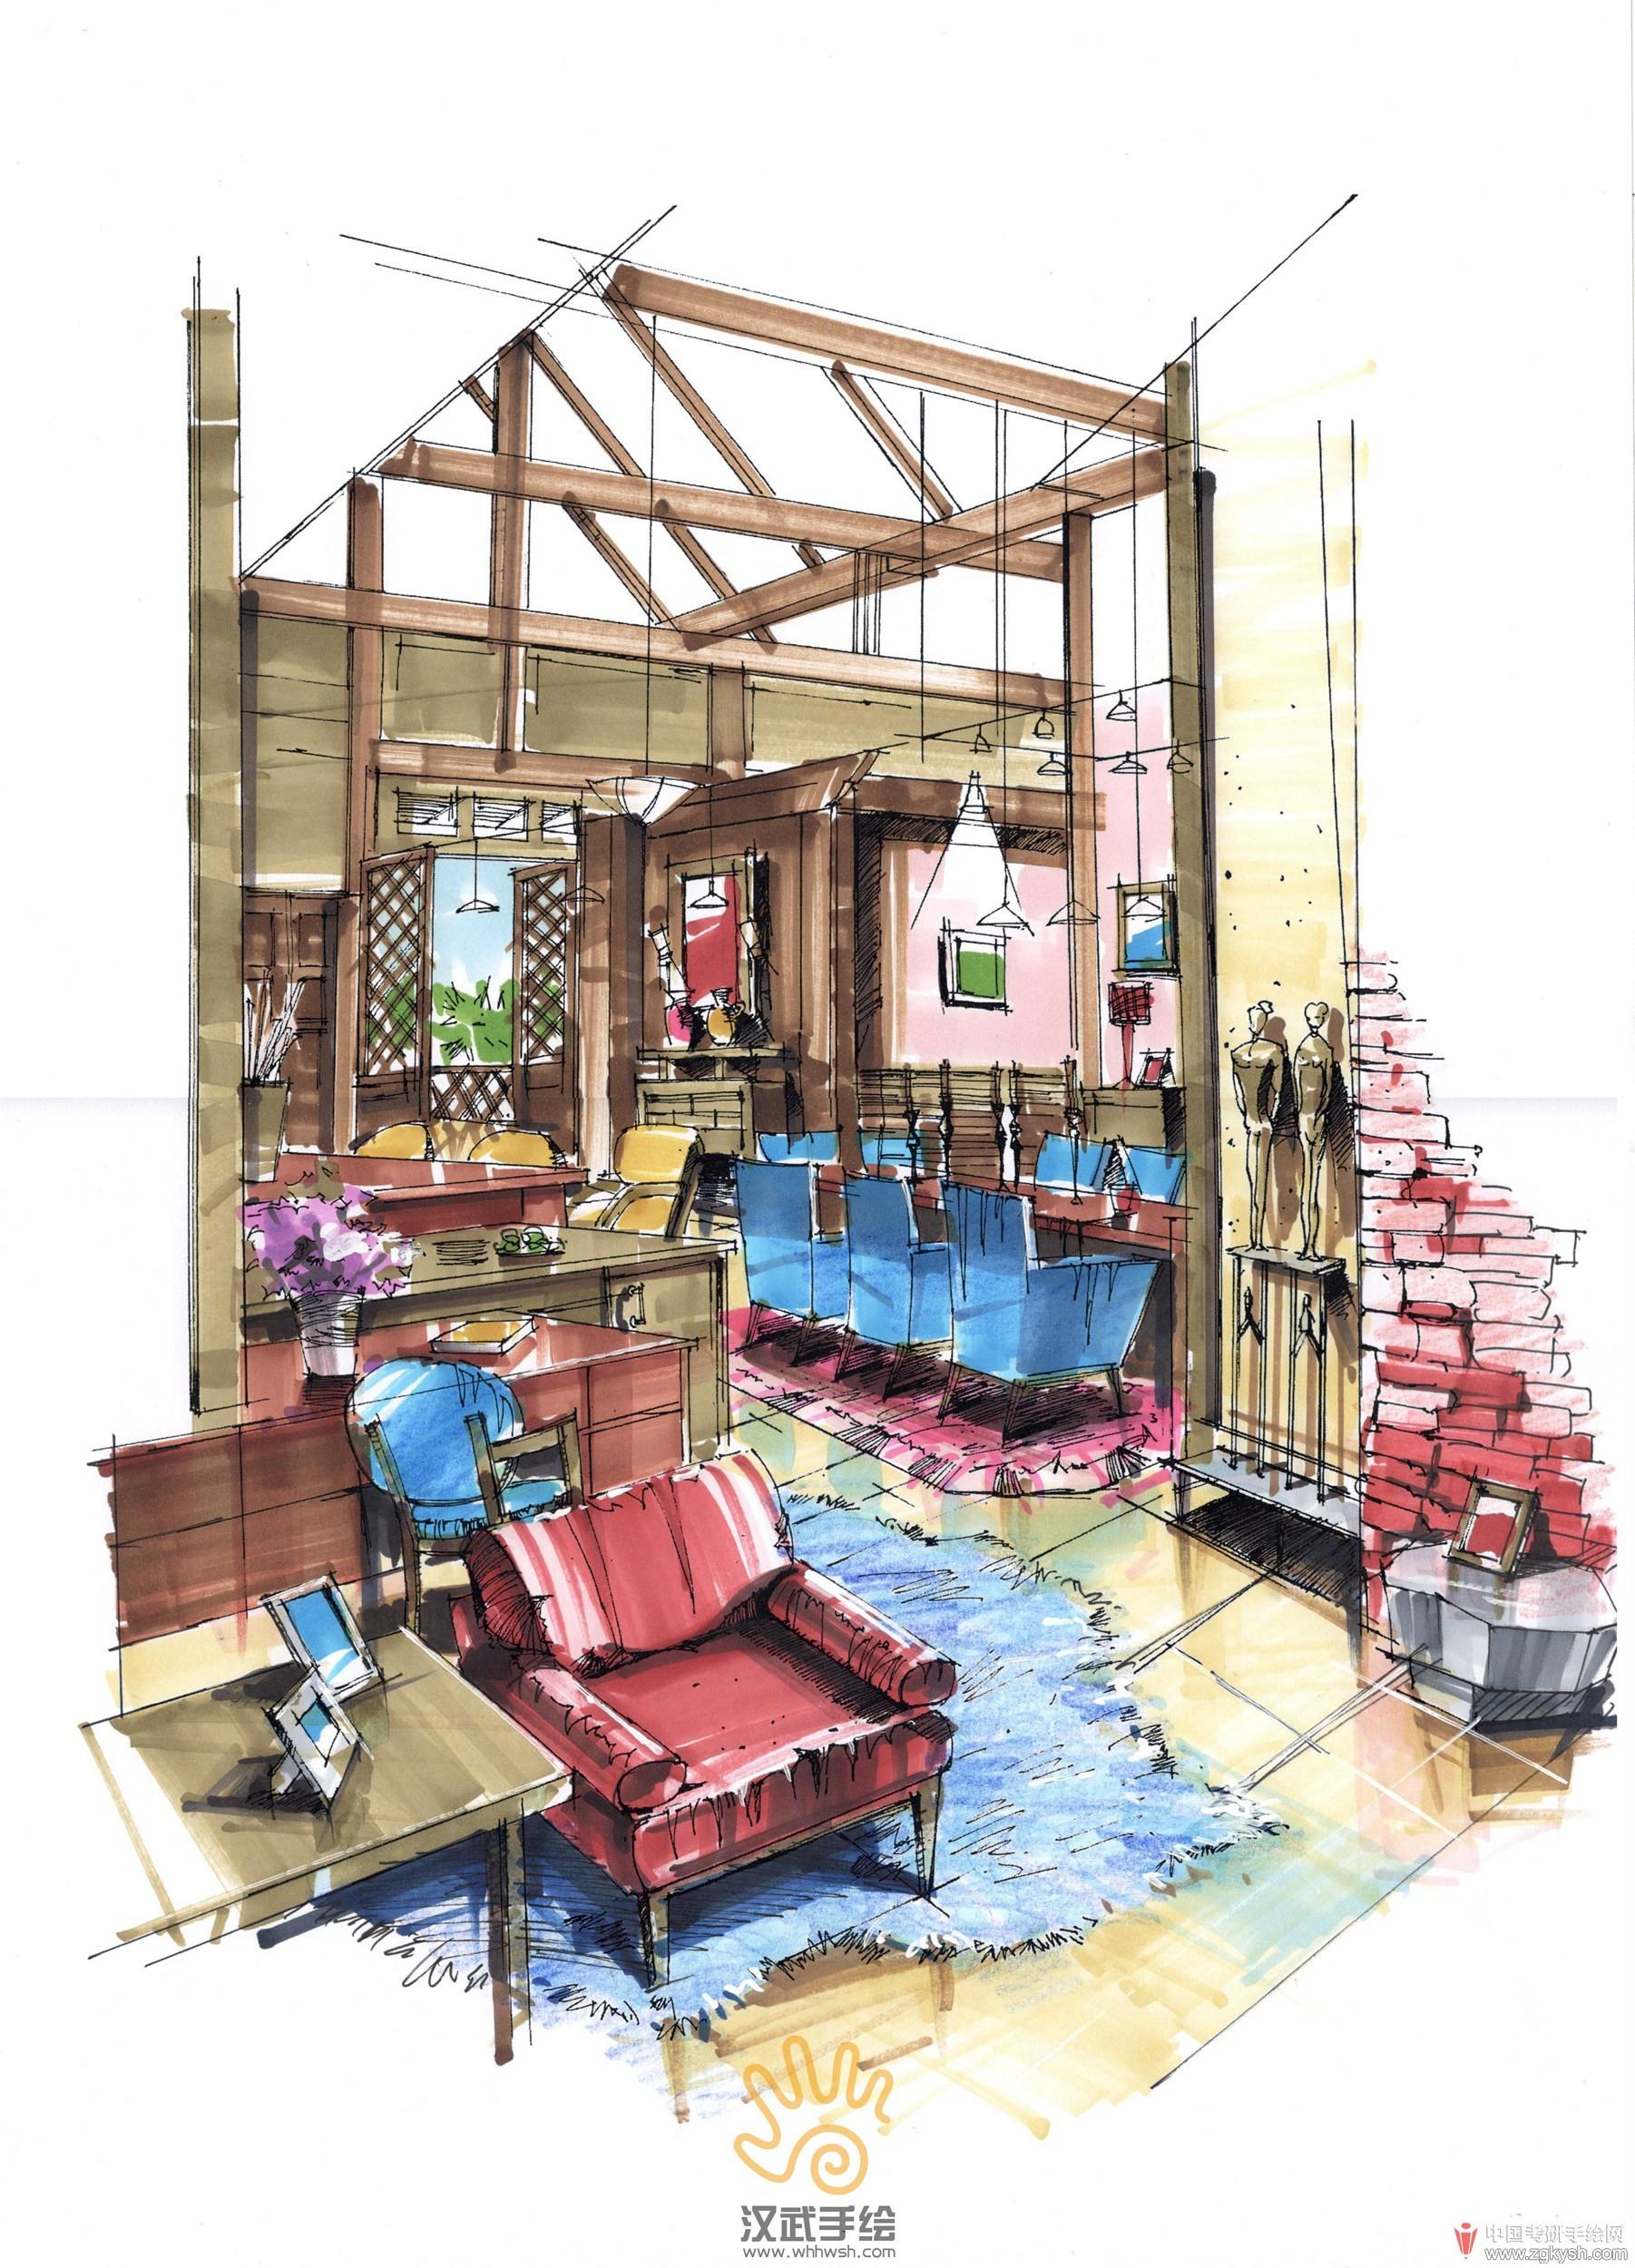 特色餐厅室内手绘透视上色.jpg